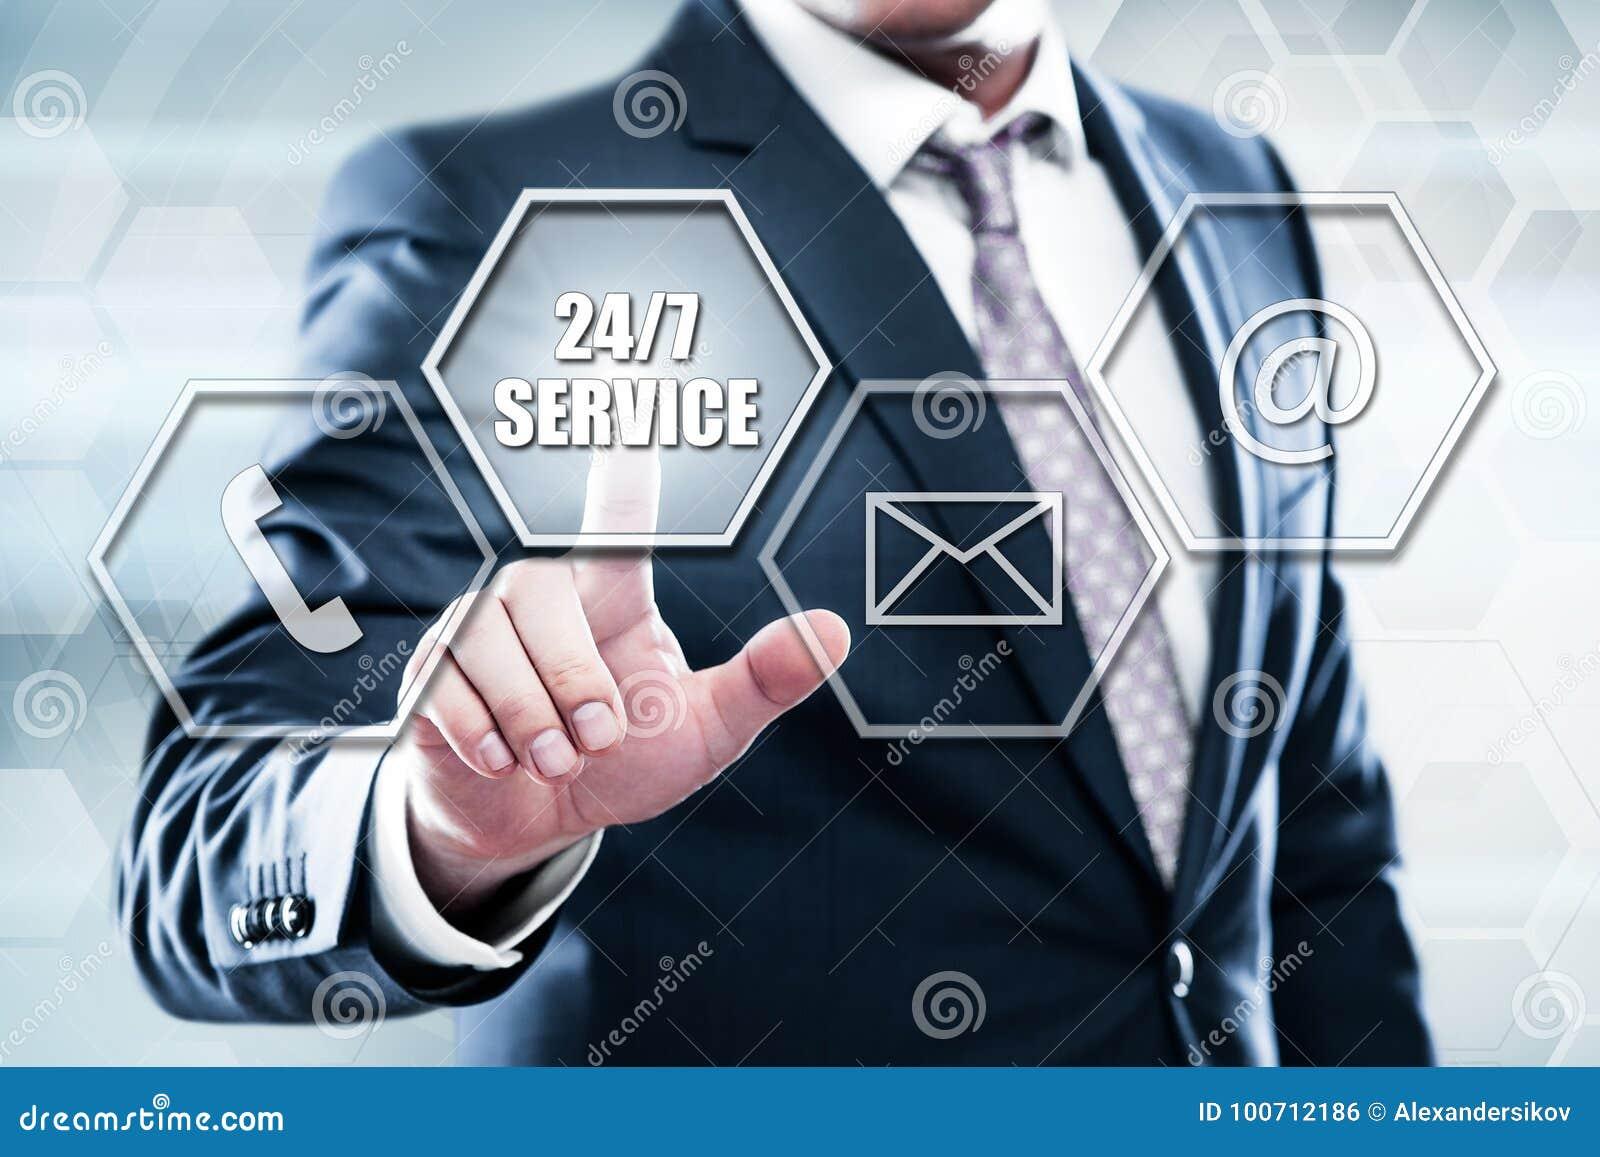 Der Geschäftsmann, der Knopf auf Touch Screen Schnittstelle bedrängt und wählen Service 247 vor